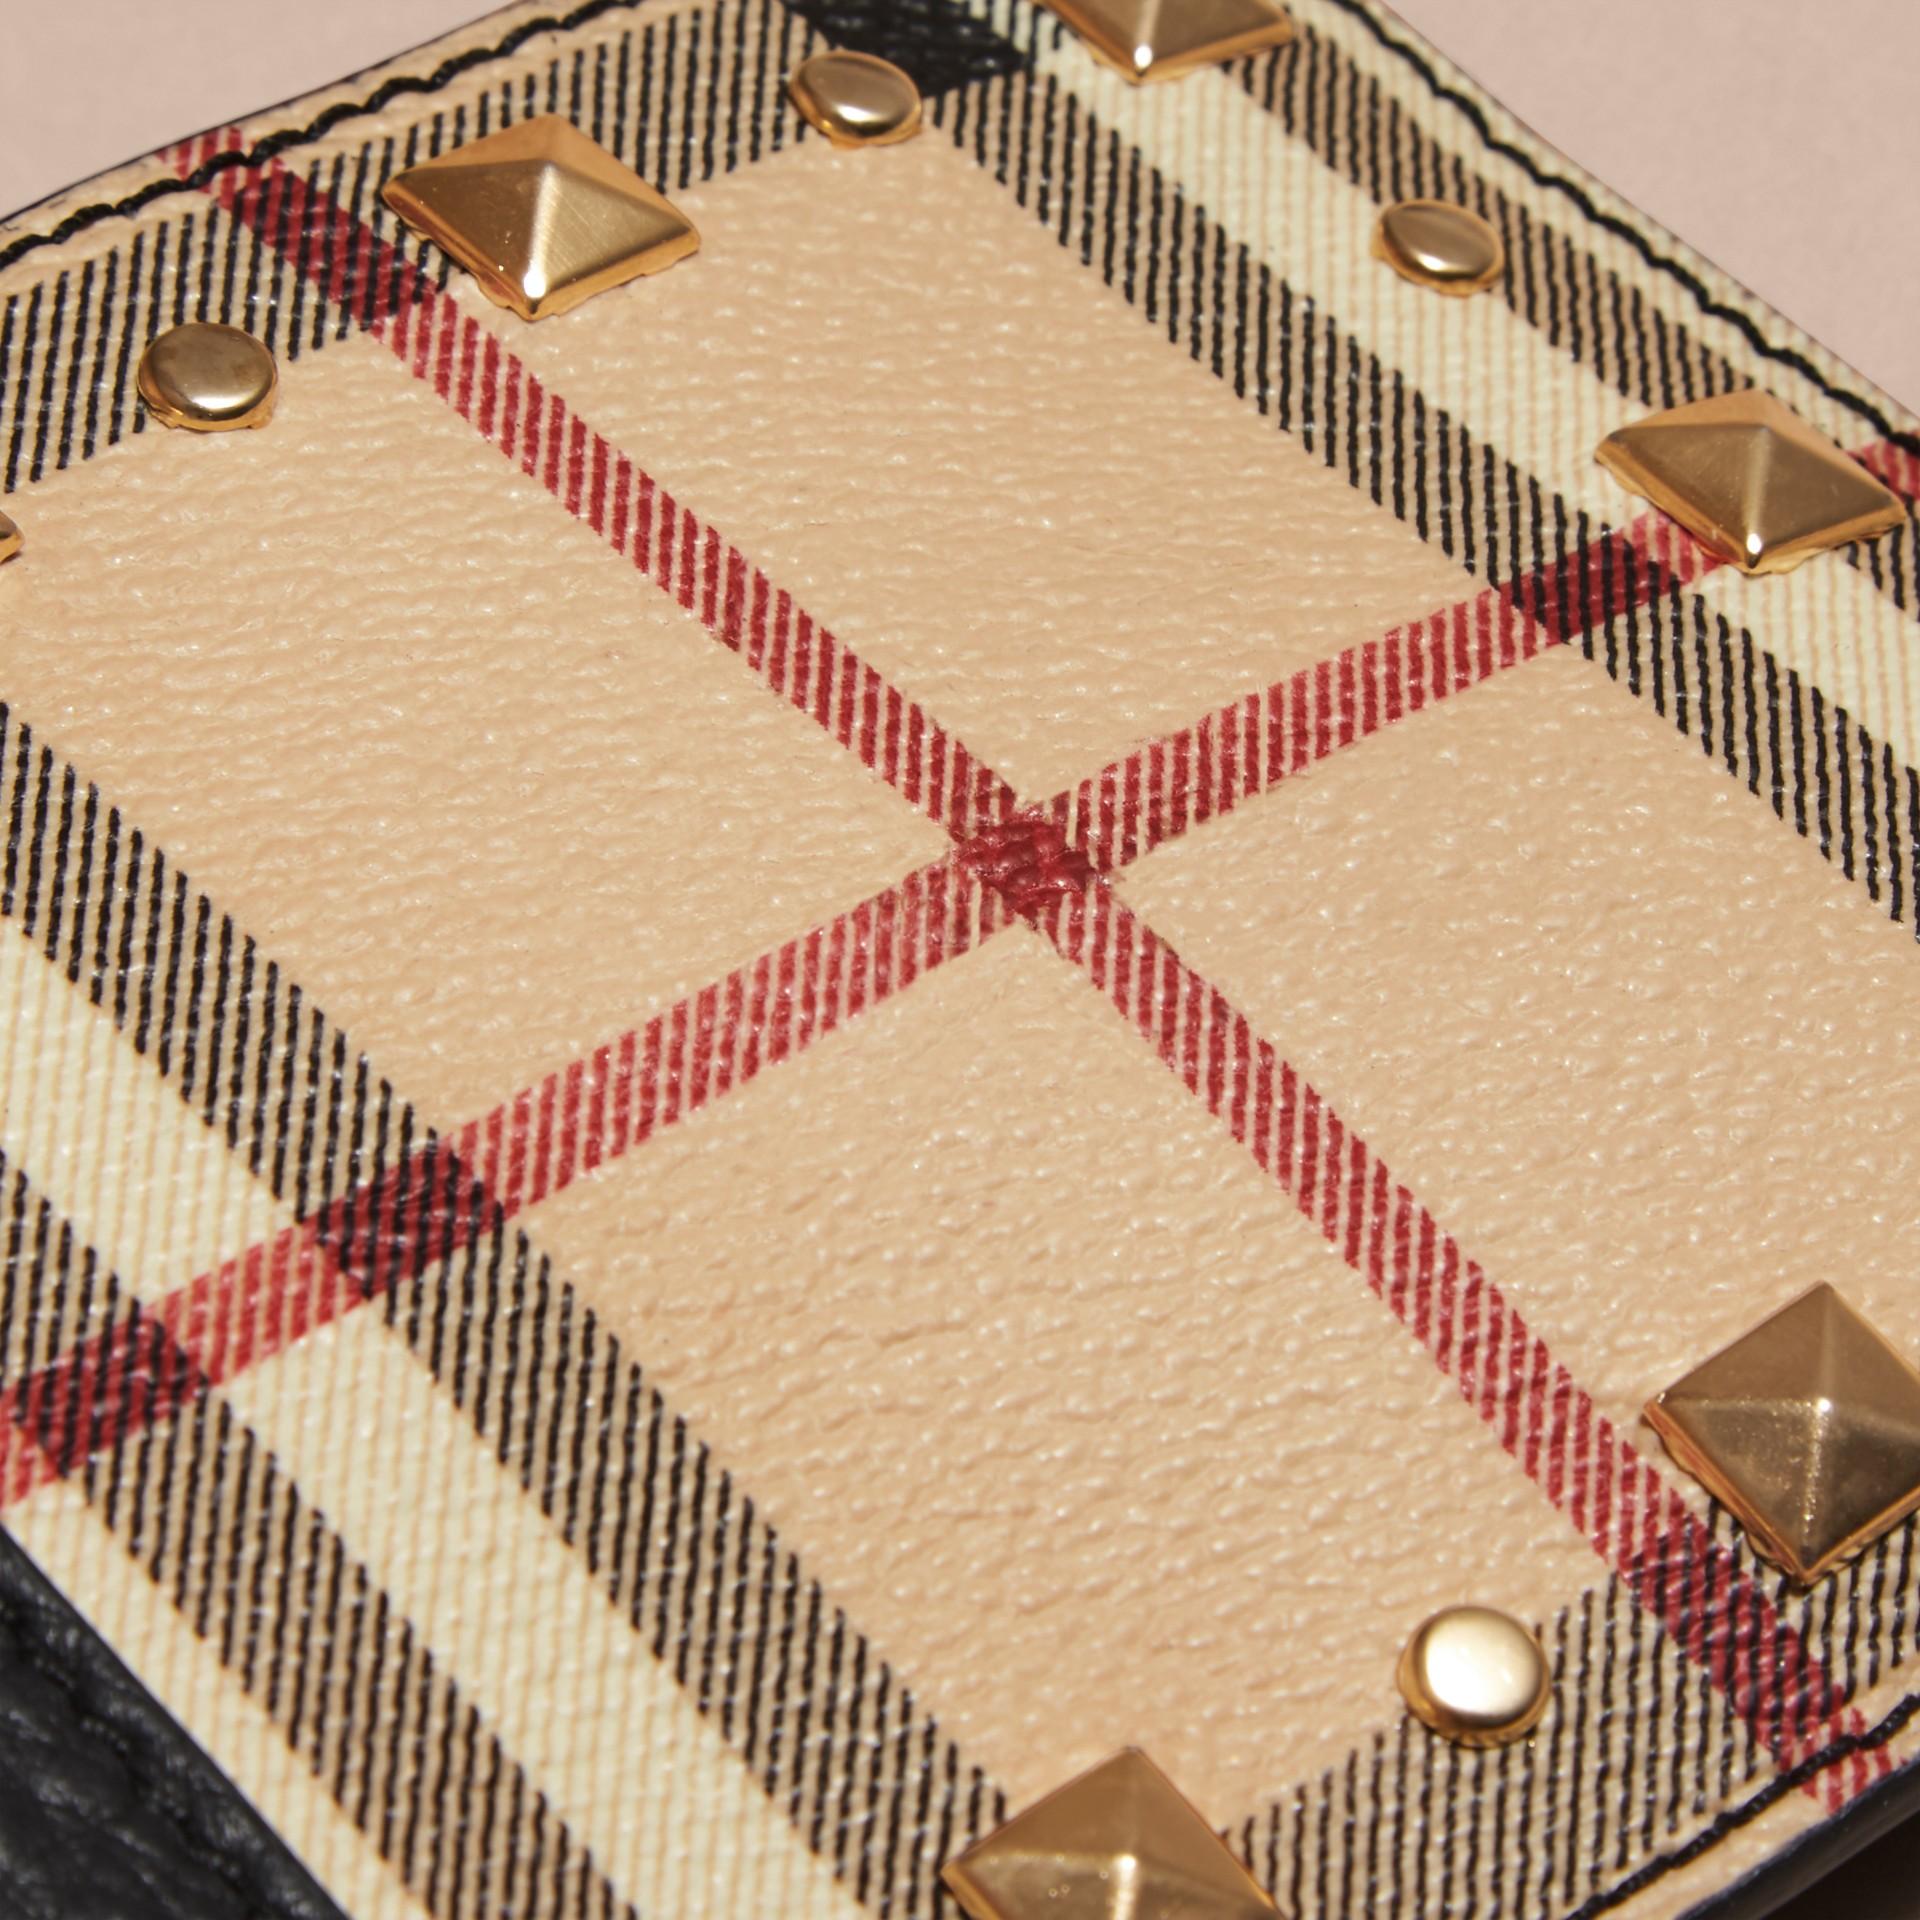 Preto Carteira dobrável de couro e estampa Haymarket Check com tachas - galeria de imagens 2